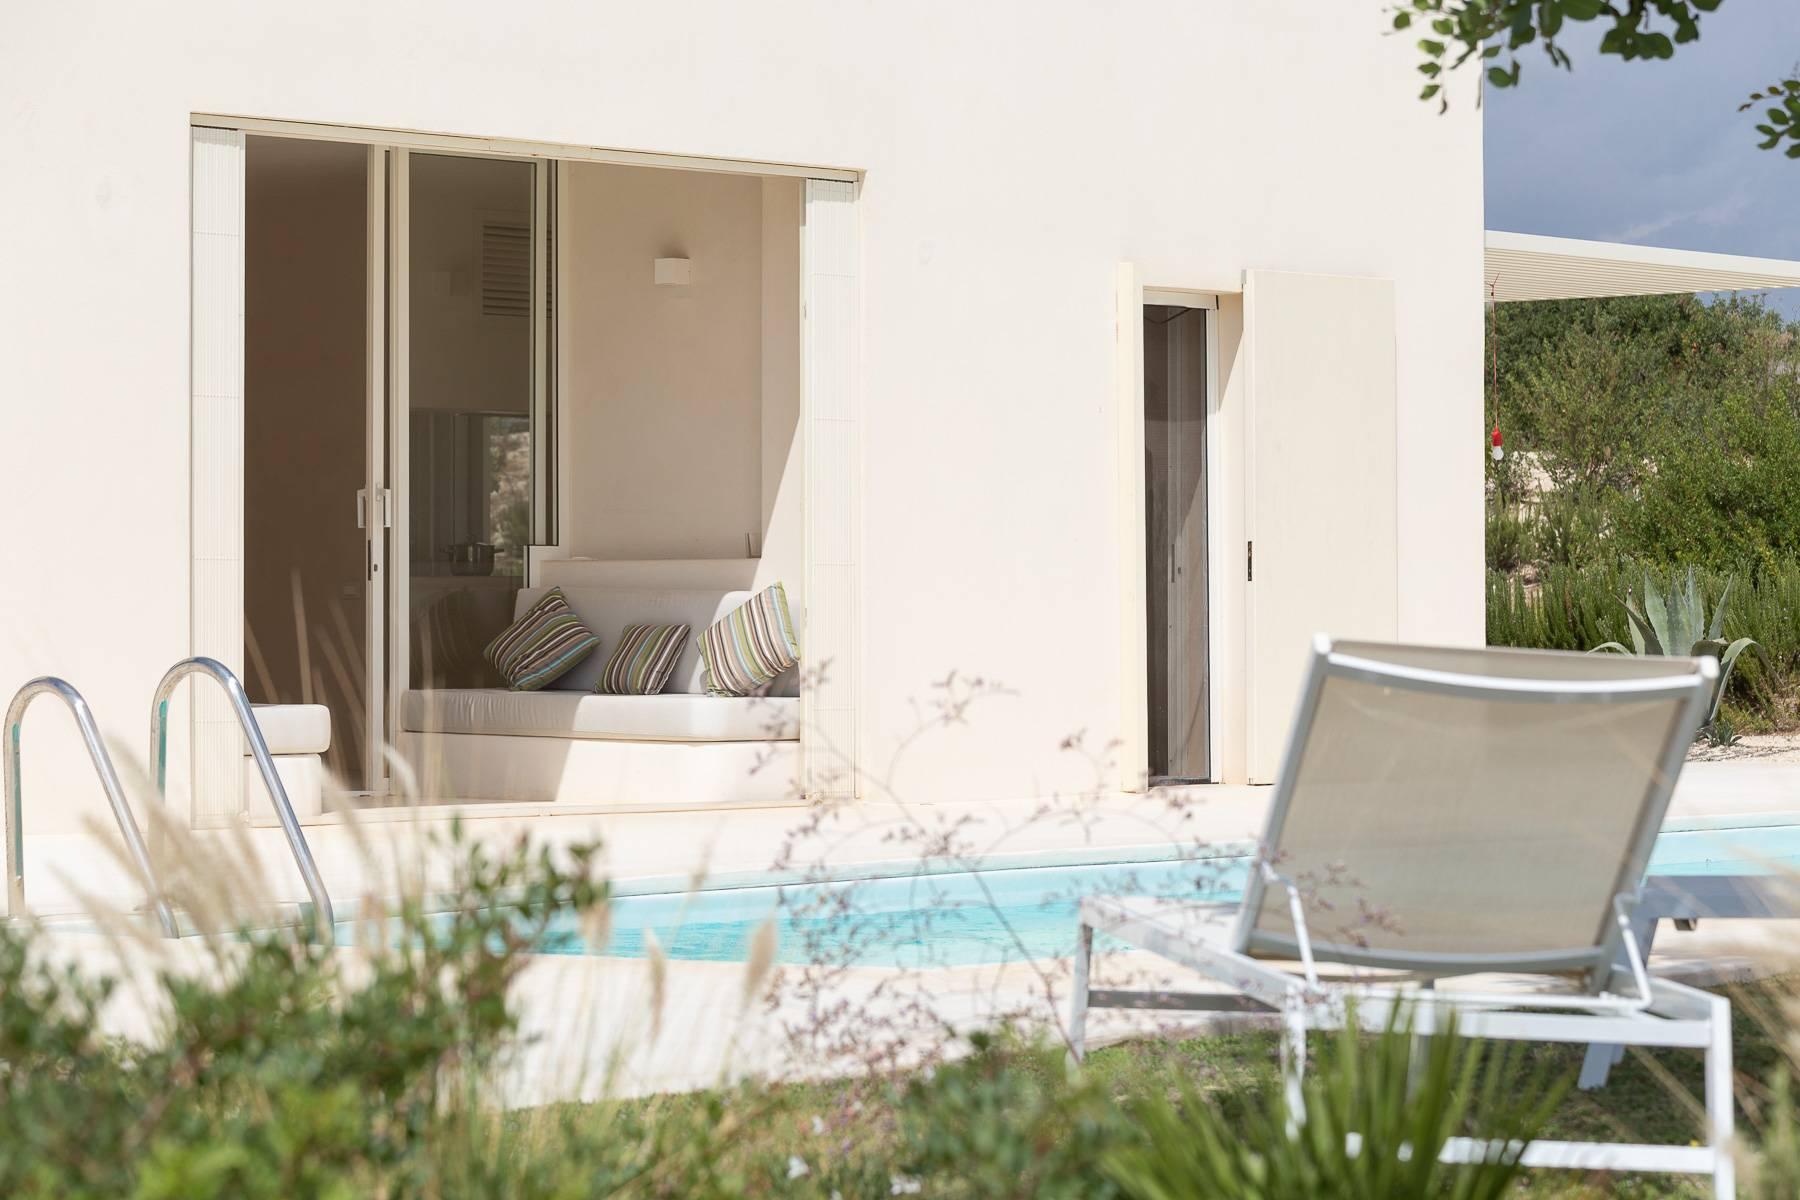 Villa in Vendita a Noto: 5 locali, 245 mq - Foto 17